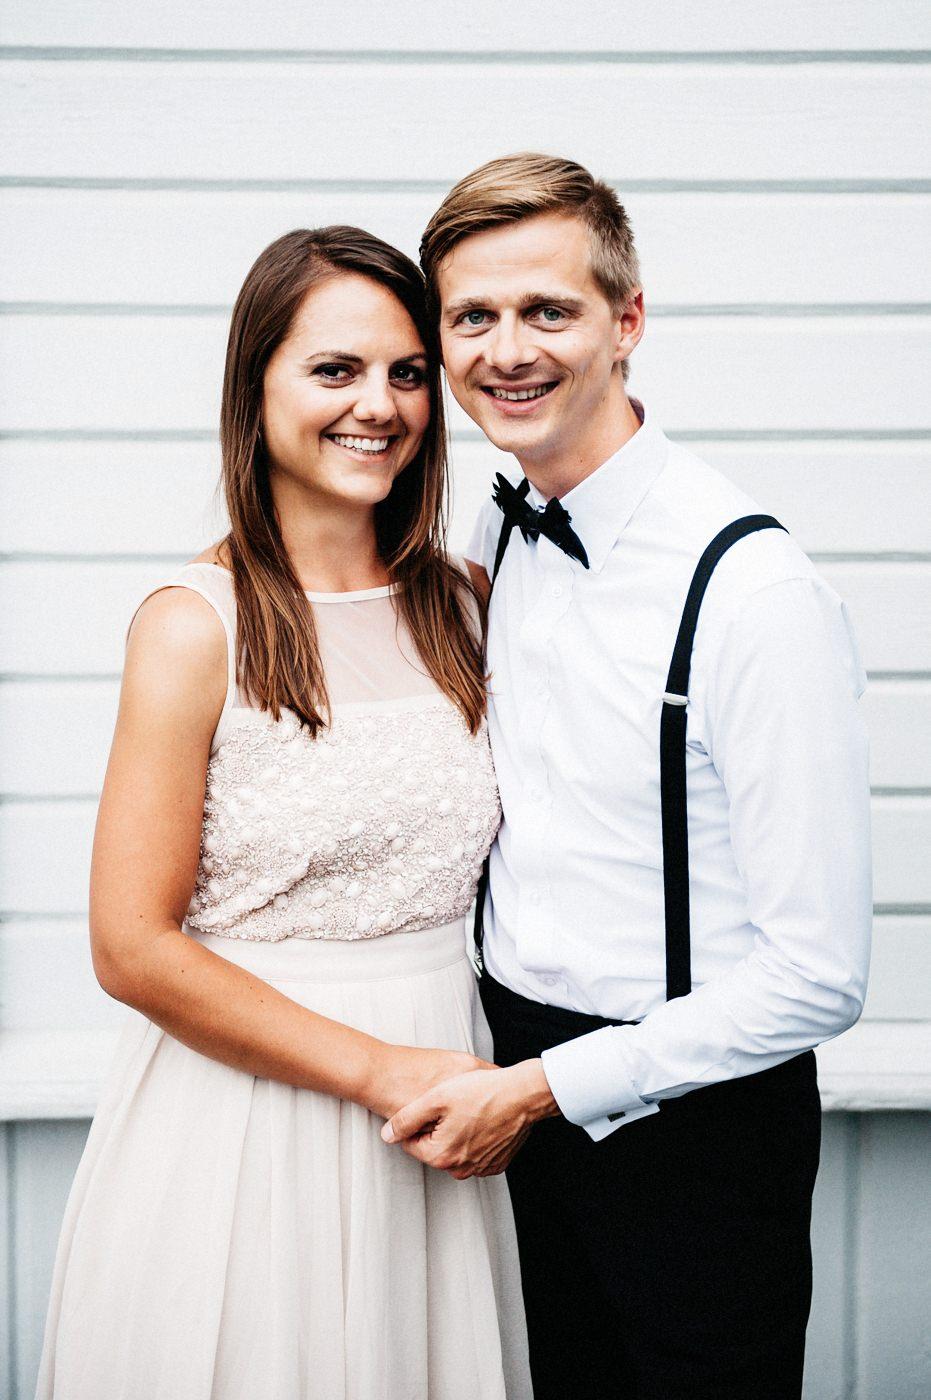 Die schönsten Fotos mit der Braut